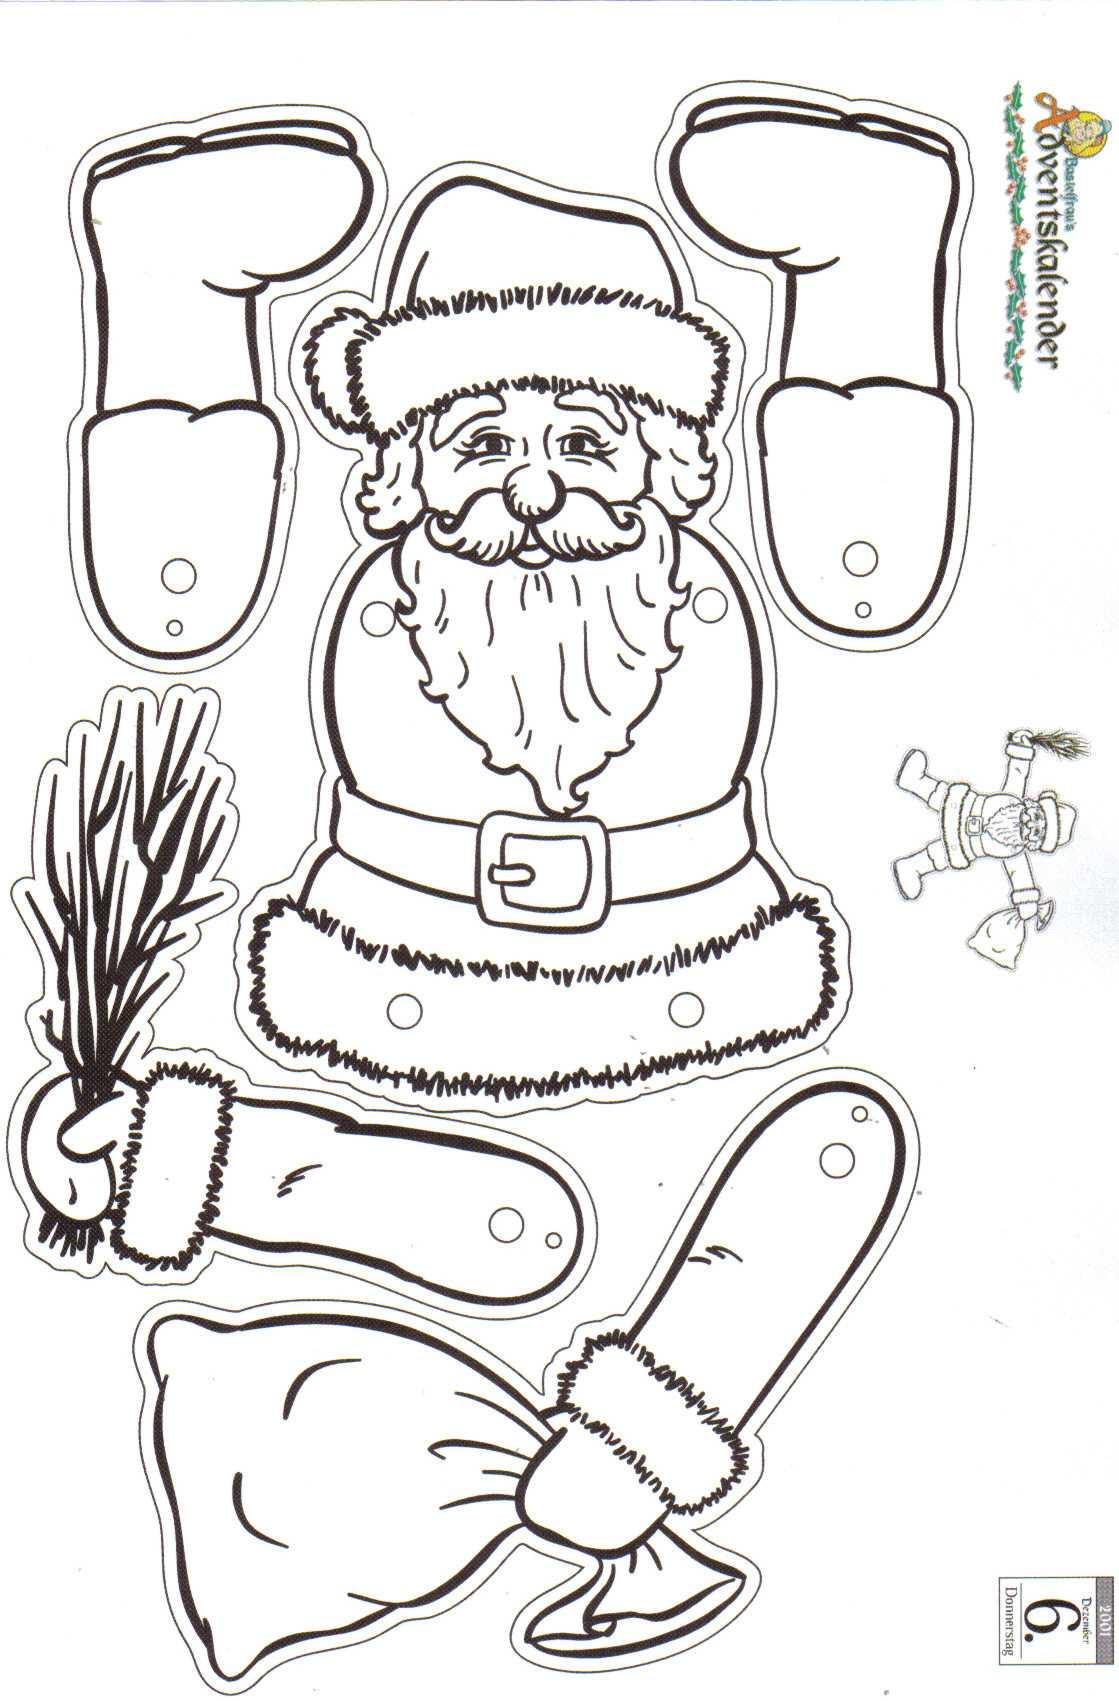 Weihnachtliche Bastelvorlagen | Bastelfrau ® über Bastelvorlagen Zum Ausdrucken Weihnachten Kostenlos